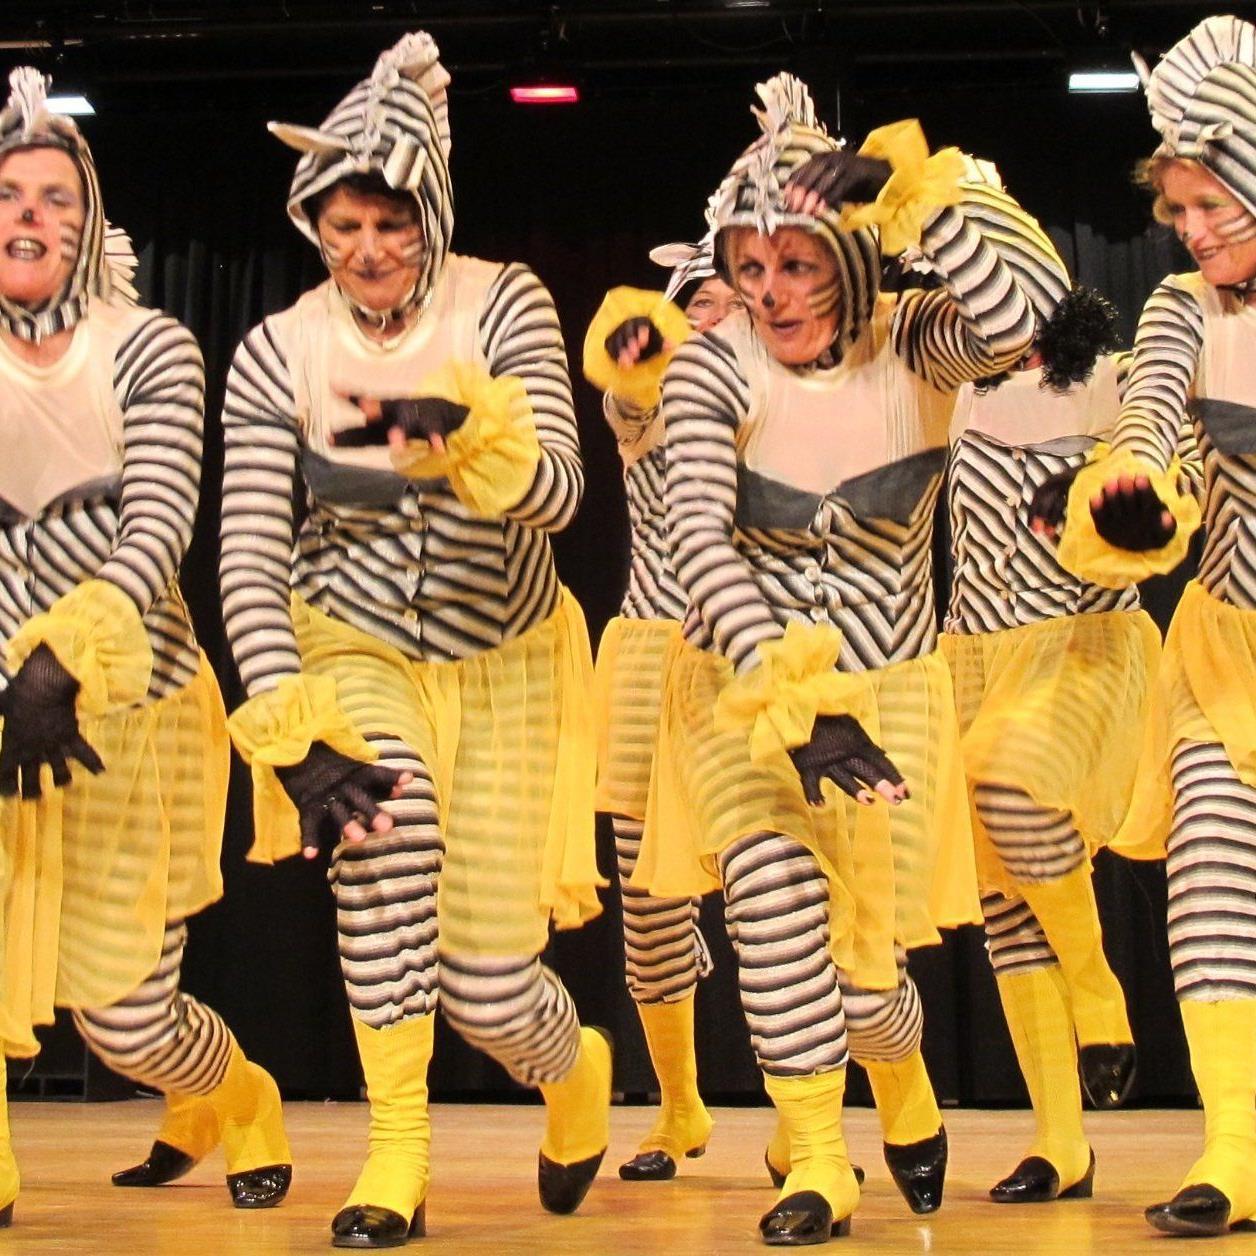 """Die """"Zebragruppe"""" hatte sichtlich Spaß!"""